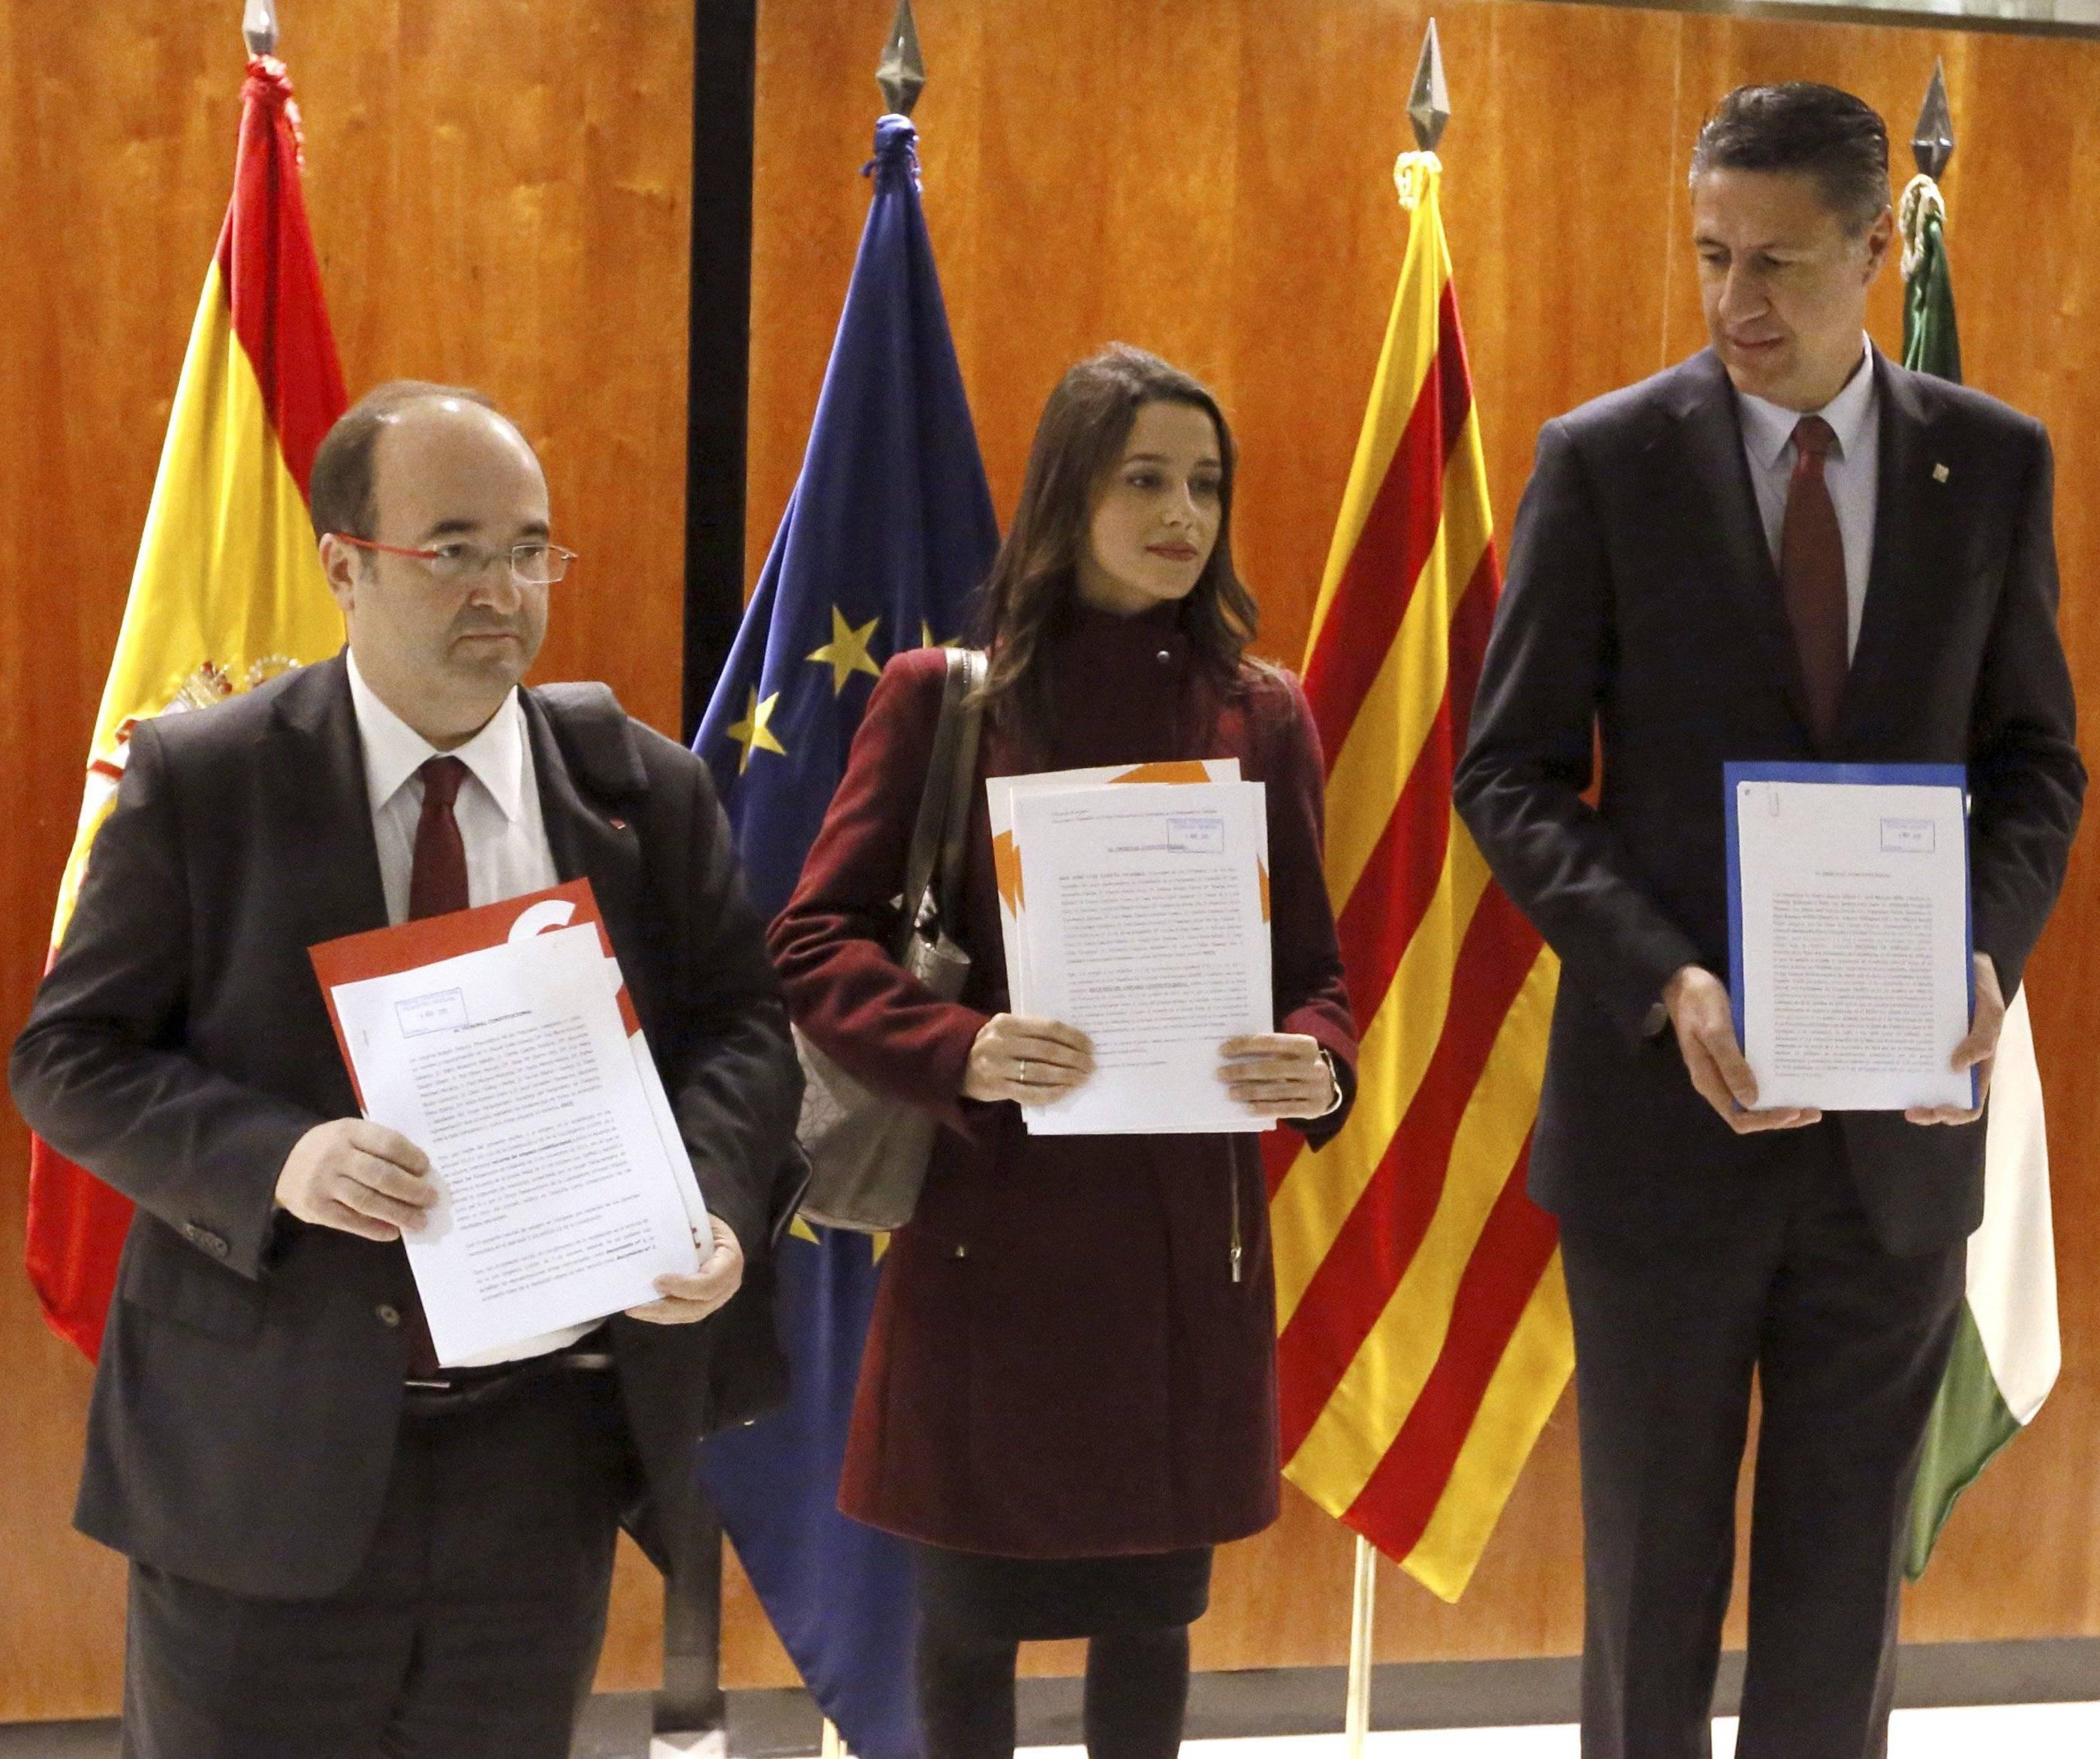 Oposició a la investidura telemàtica de Puigdemont